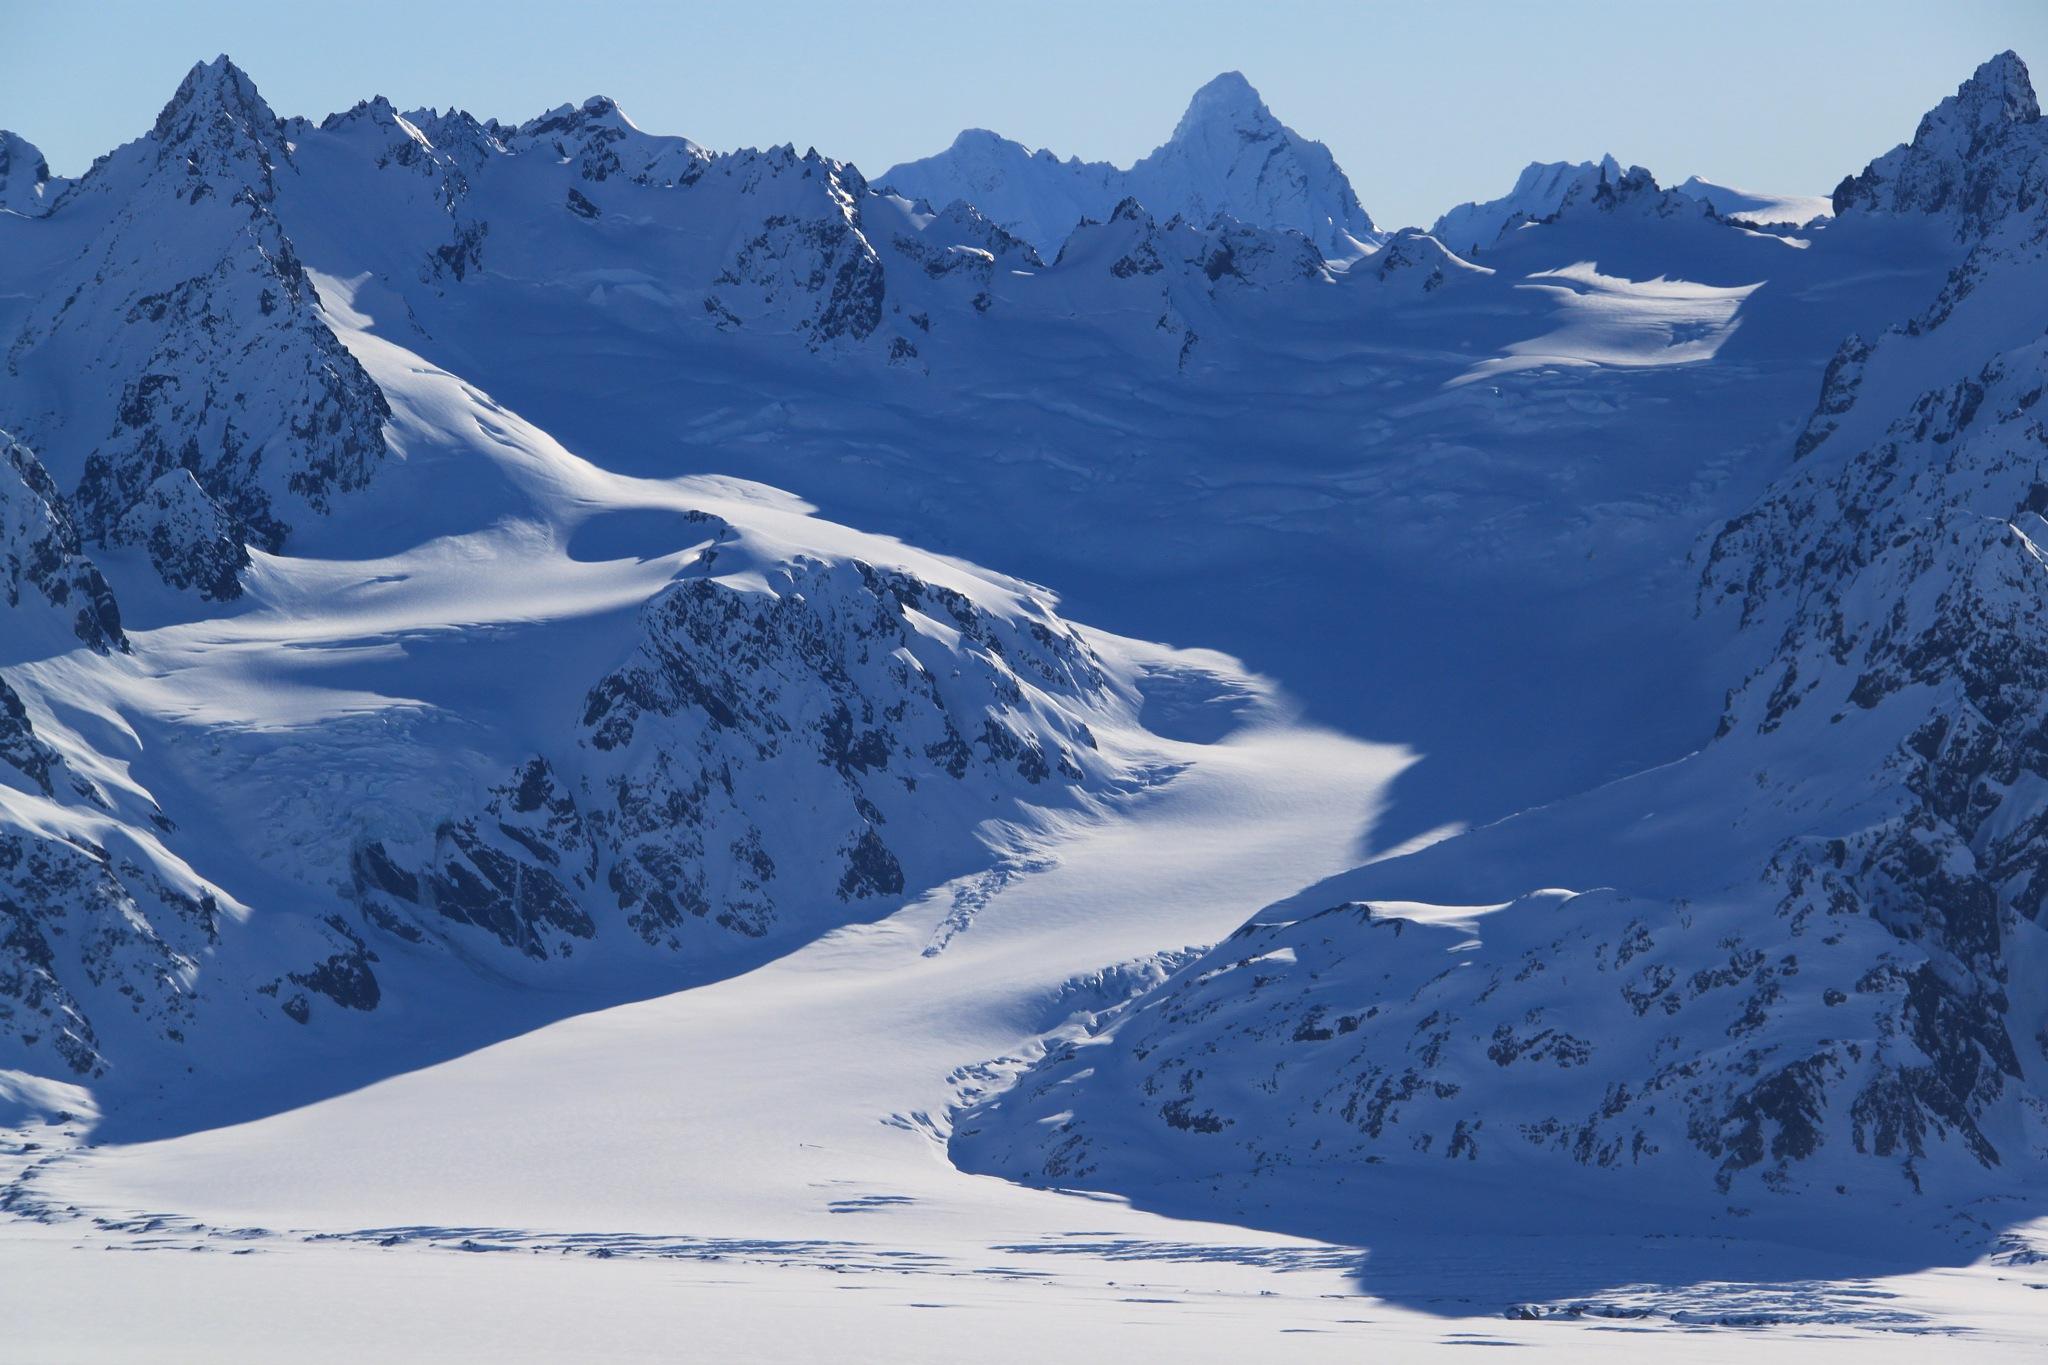 Alaska by tedharinishi